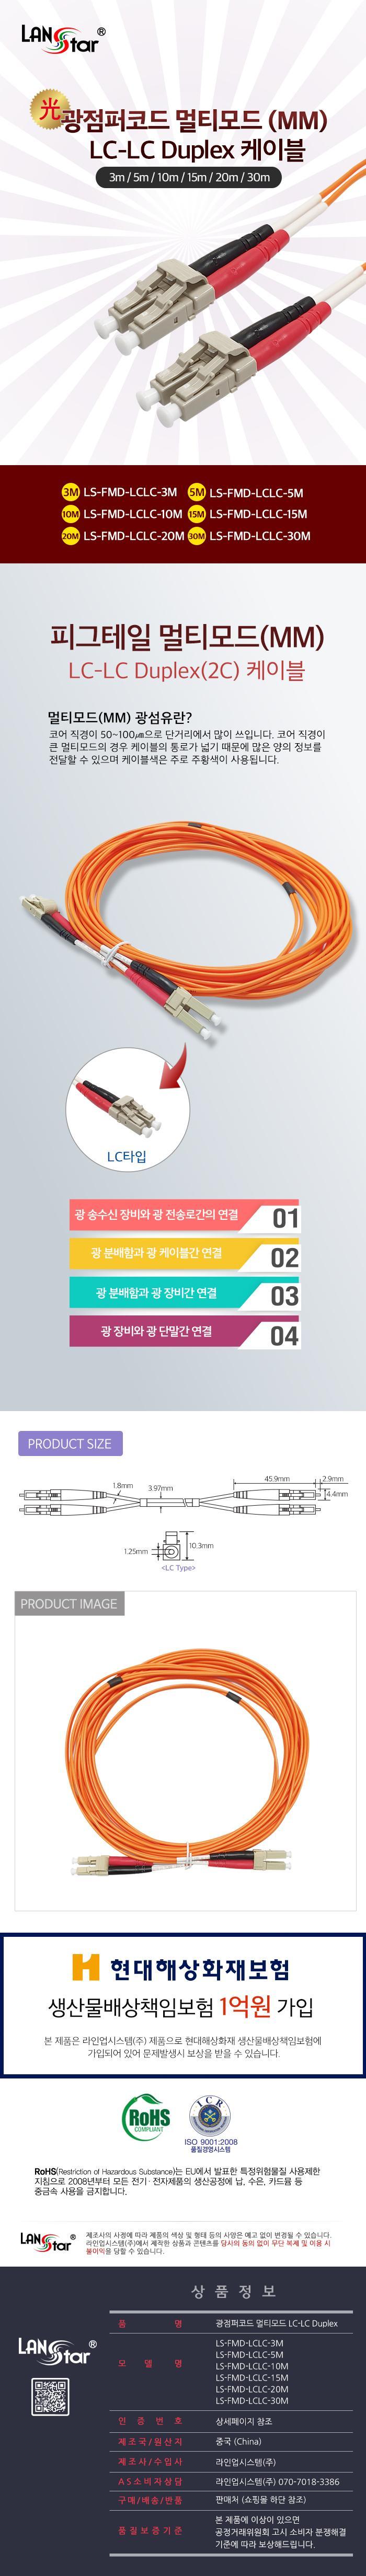 라인업시스템 LANSTAR LS-FMD-LCLC 광점퍼코드 멀티모드 LC-LC Duplex 케이블 (3m)